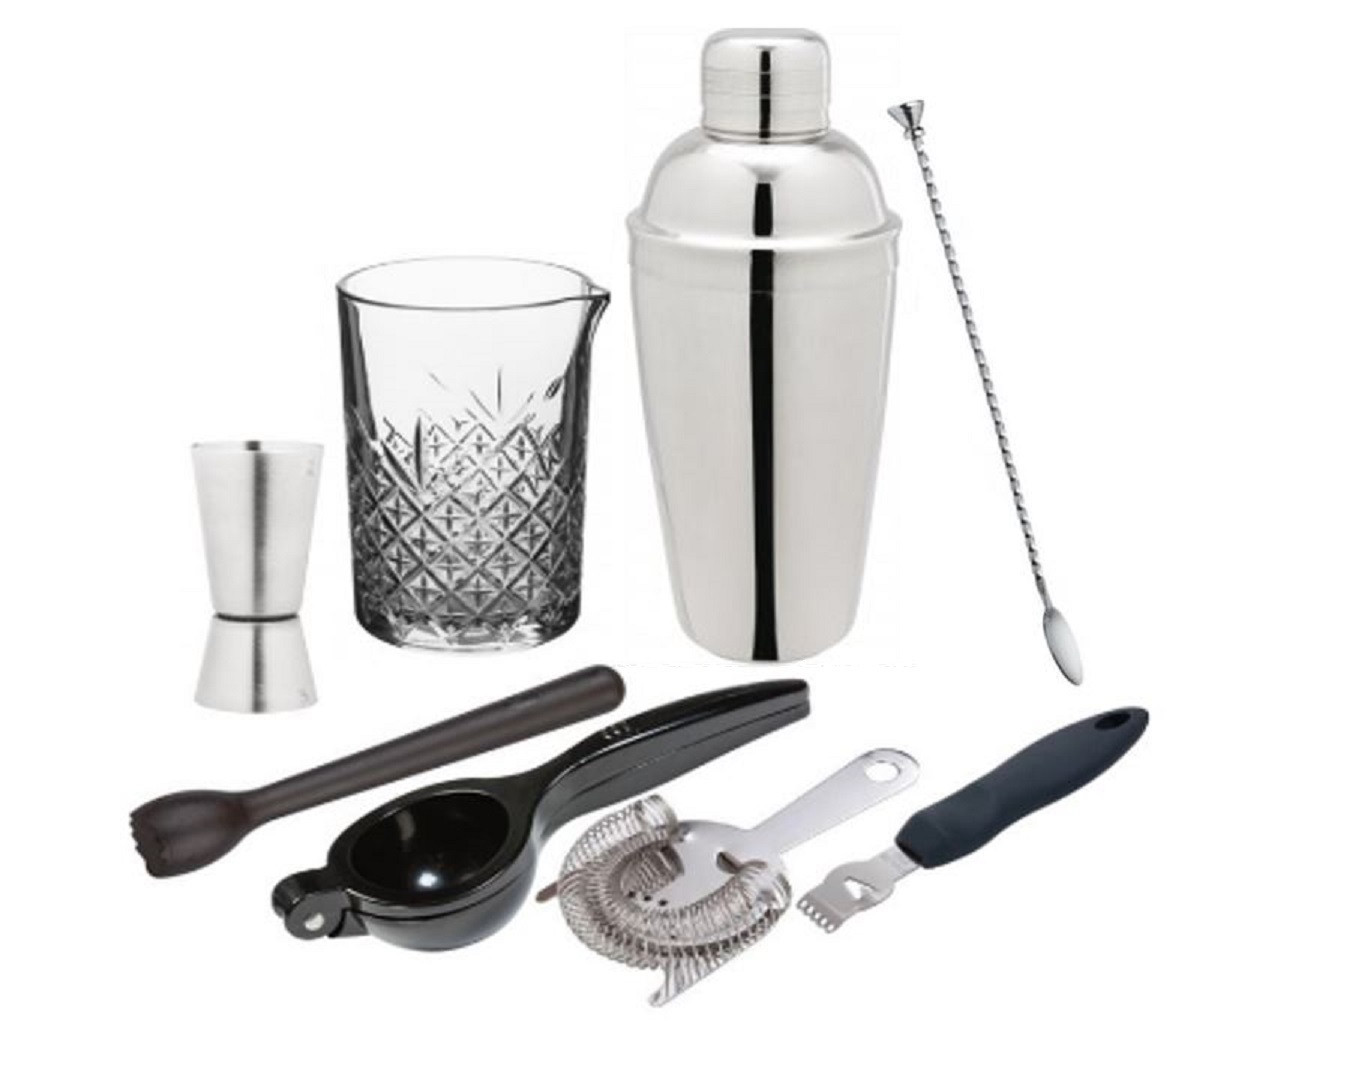 Barudstyr-pakke-med-barværktøj-The-Cocktail-blog-Morten-Krag-jigger-mixingglas-shaker-art-deco-barske-morter-citron-limepresser-strainer-peeler